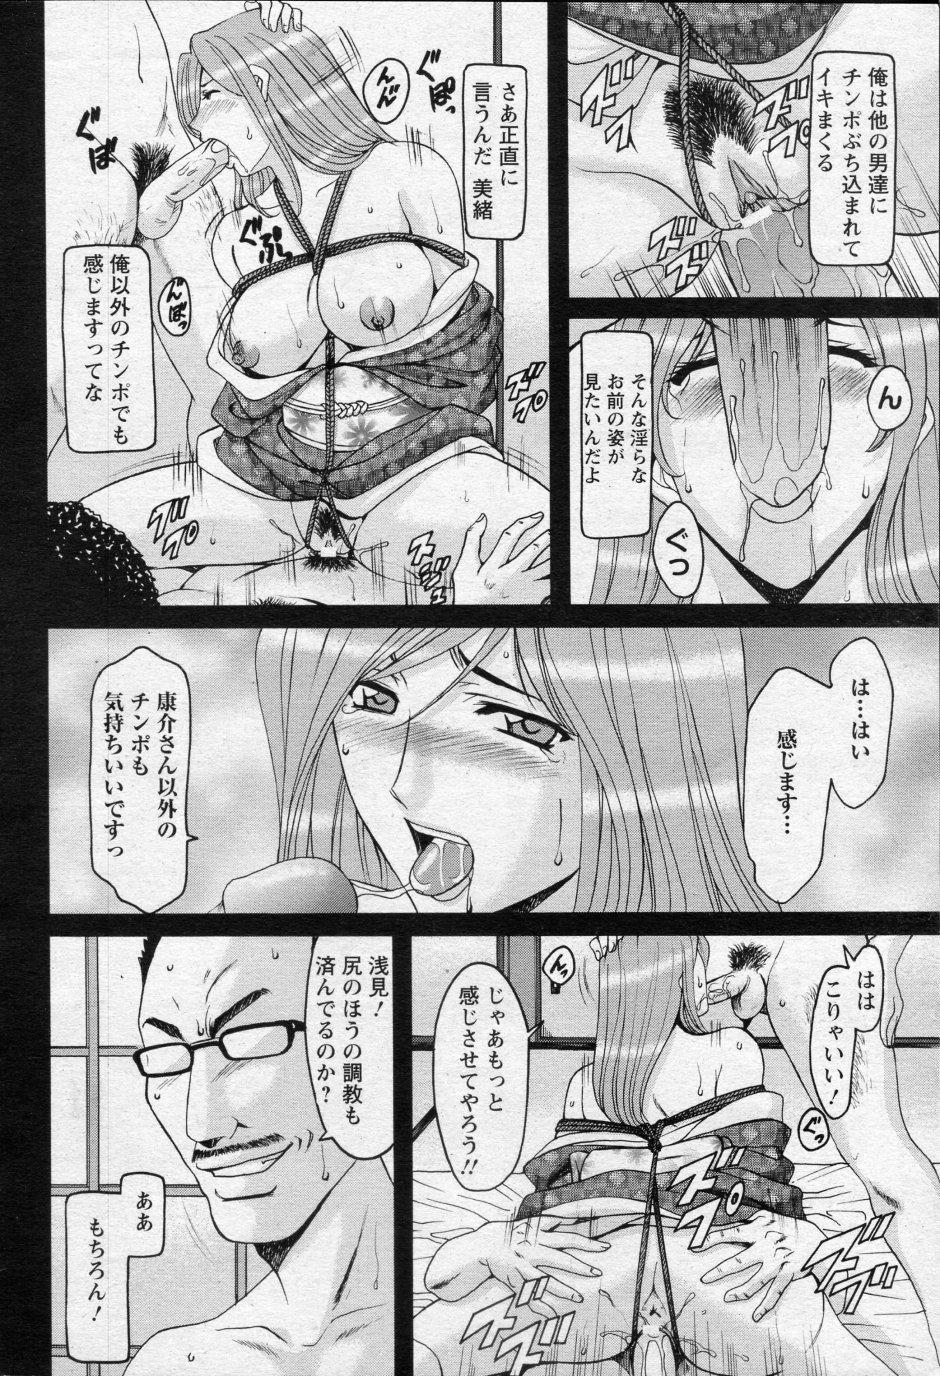 [Hoshino Ryuichi] Mjo Collection -Nidaime Choukyoushi- Ch.01-02 29